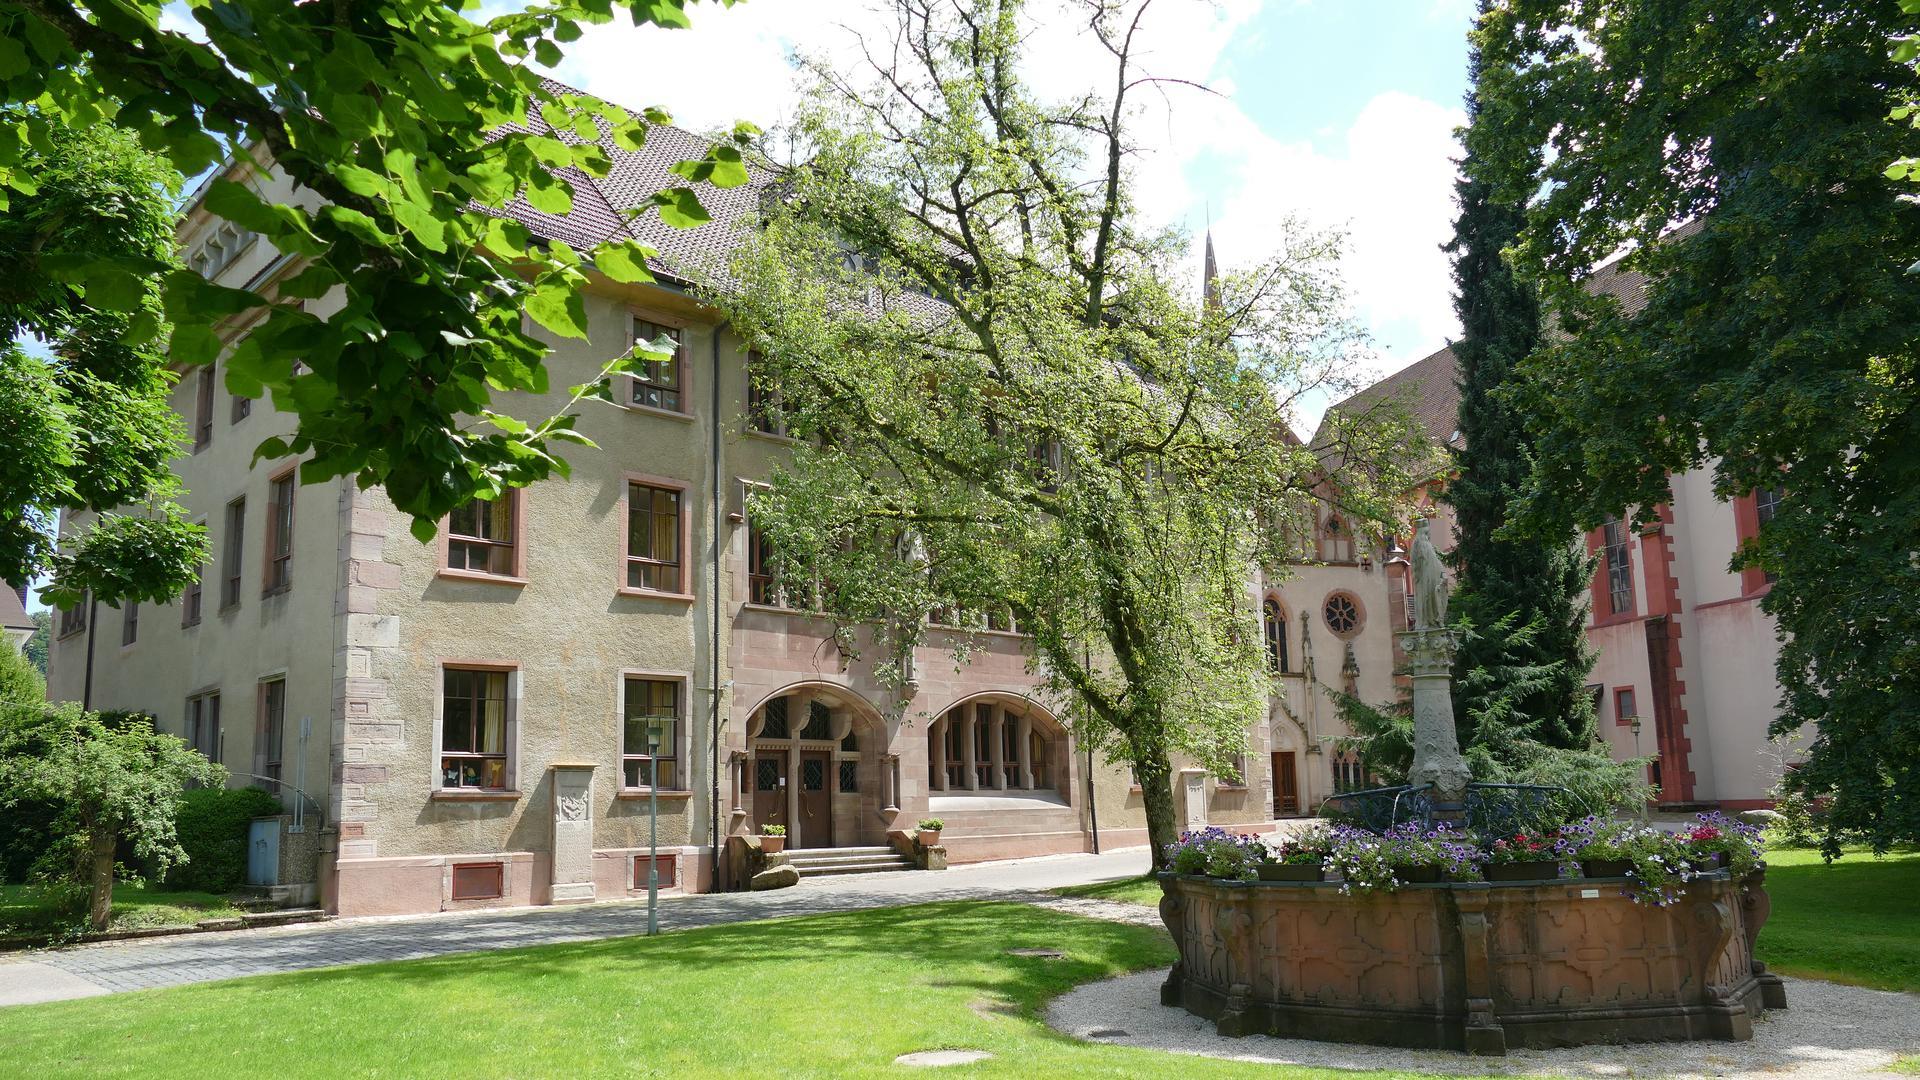 Bei ihrem Aufenthalt in Baden-Baden besuchte Zarin Elisabeth mit ihrer Mutter, Markgräfin Amalie, auch das Cistercienserinnen-Kloster in Lichtental.